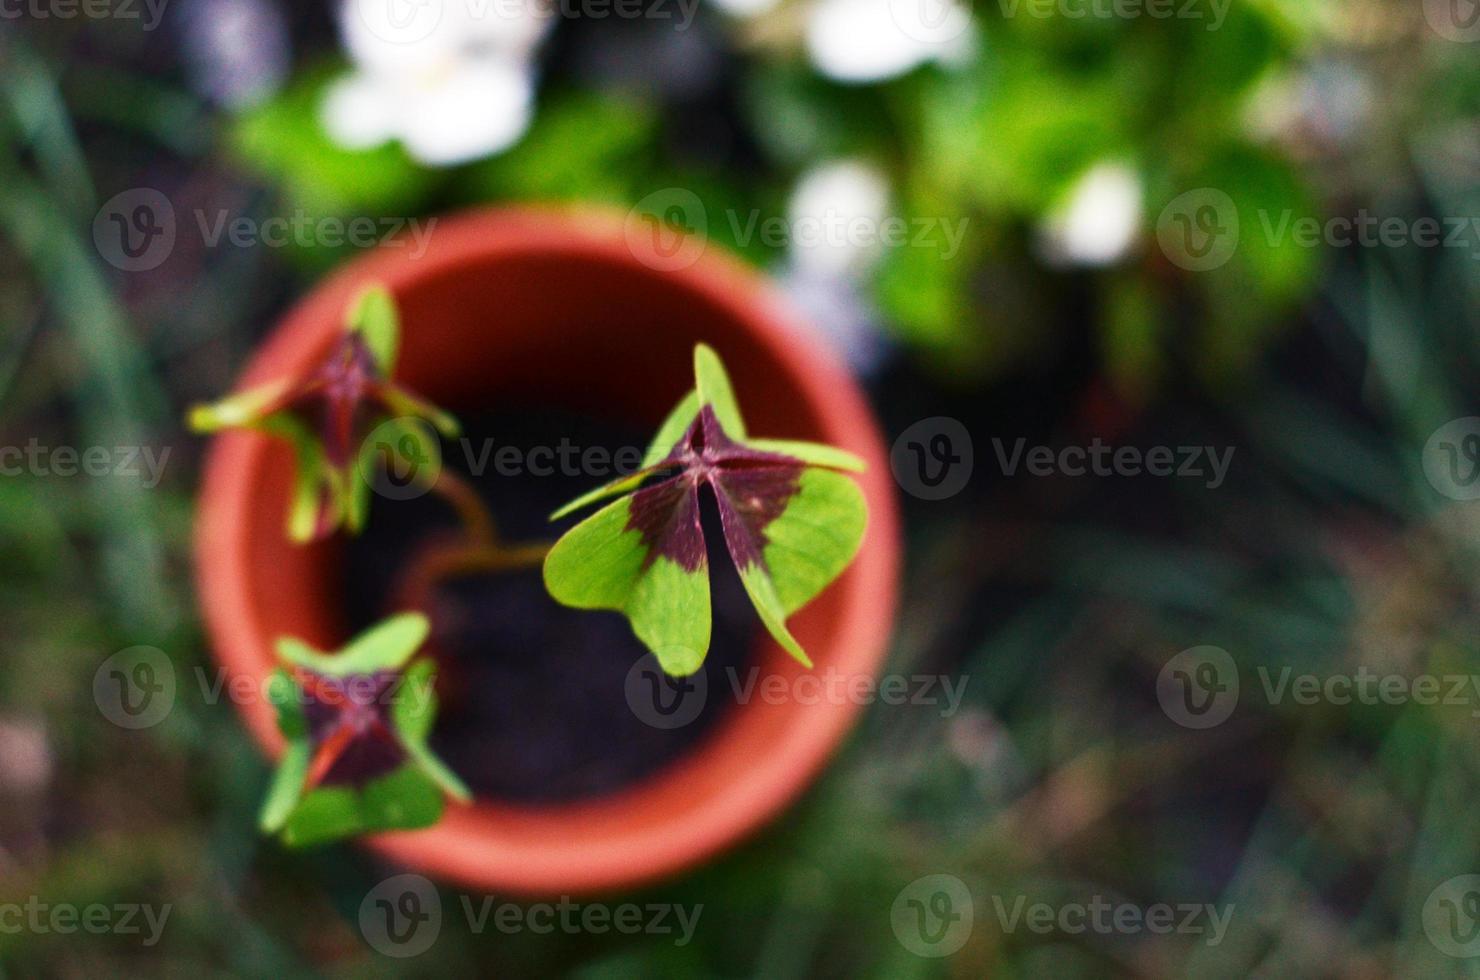 vierblättriges Kleeblatt in einem Topf foto